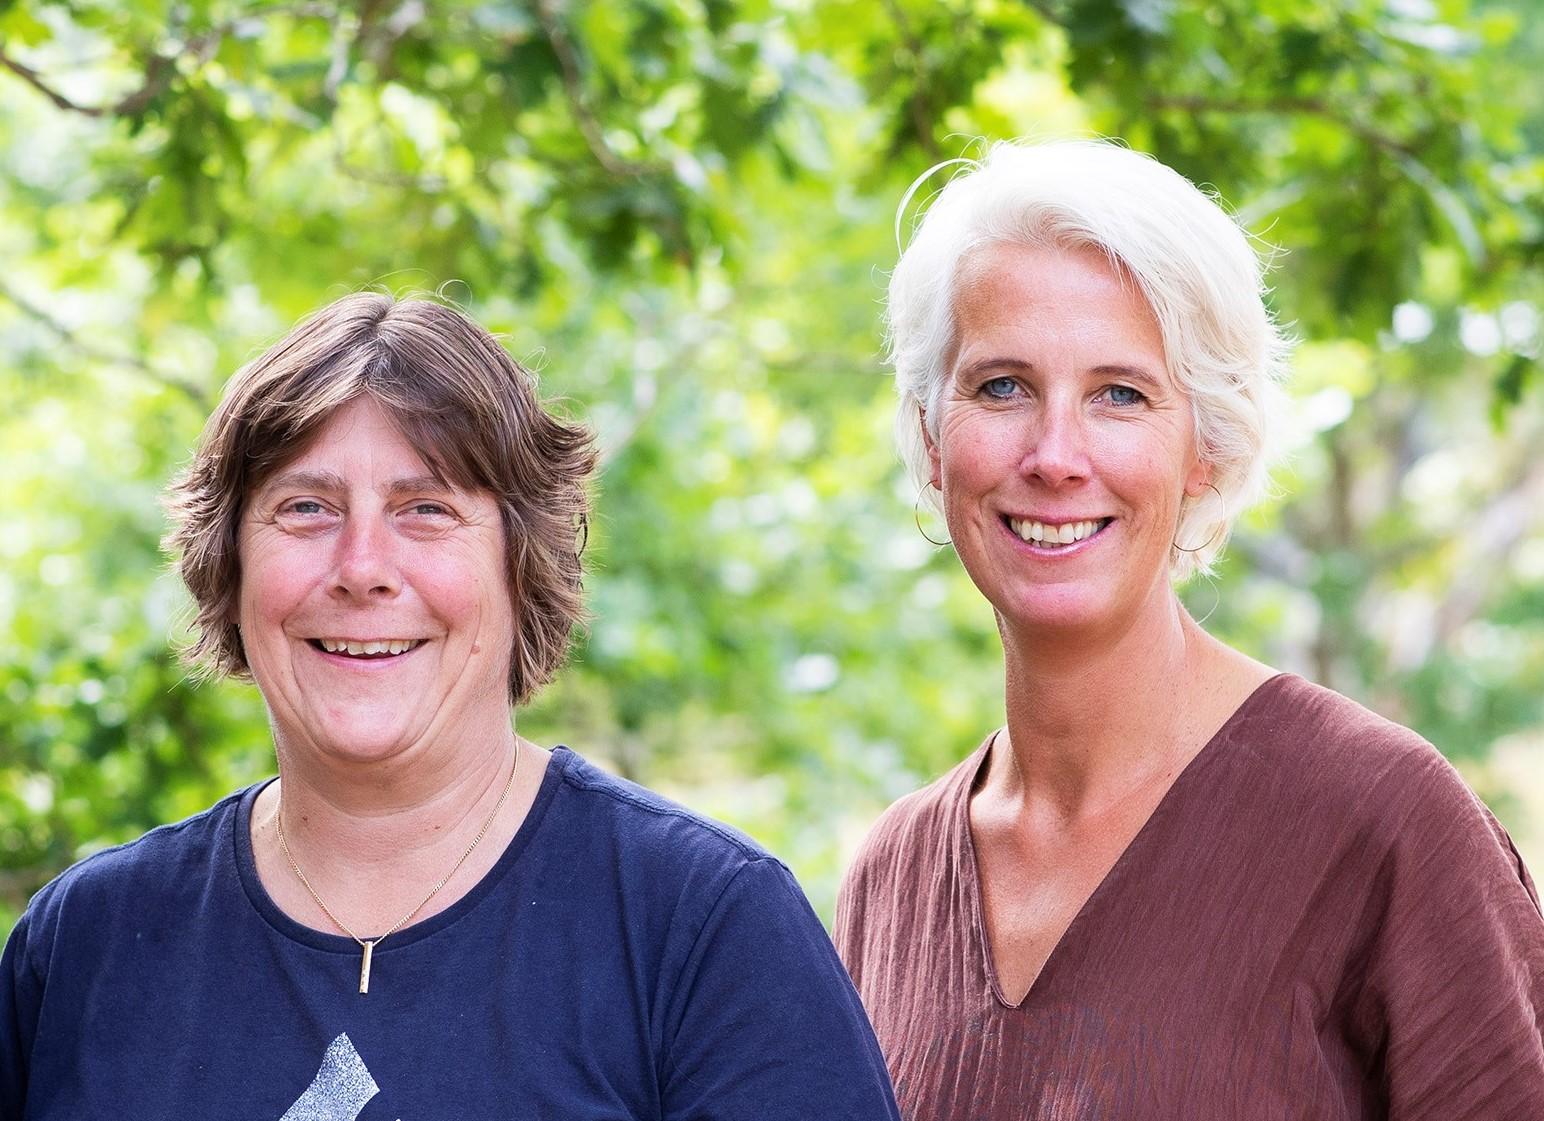 Karin till vänstr i kort, brunt hår och blå tröja. jenny till höger, ljust hår, brunt V-ringat plagg mot en bakgrund av gröna träd.